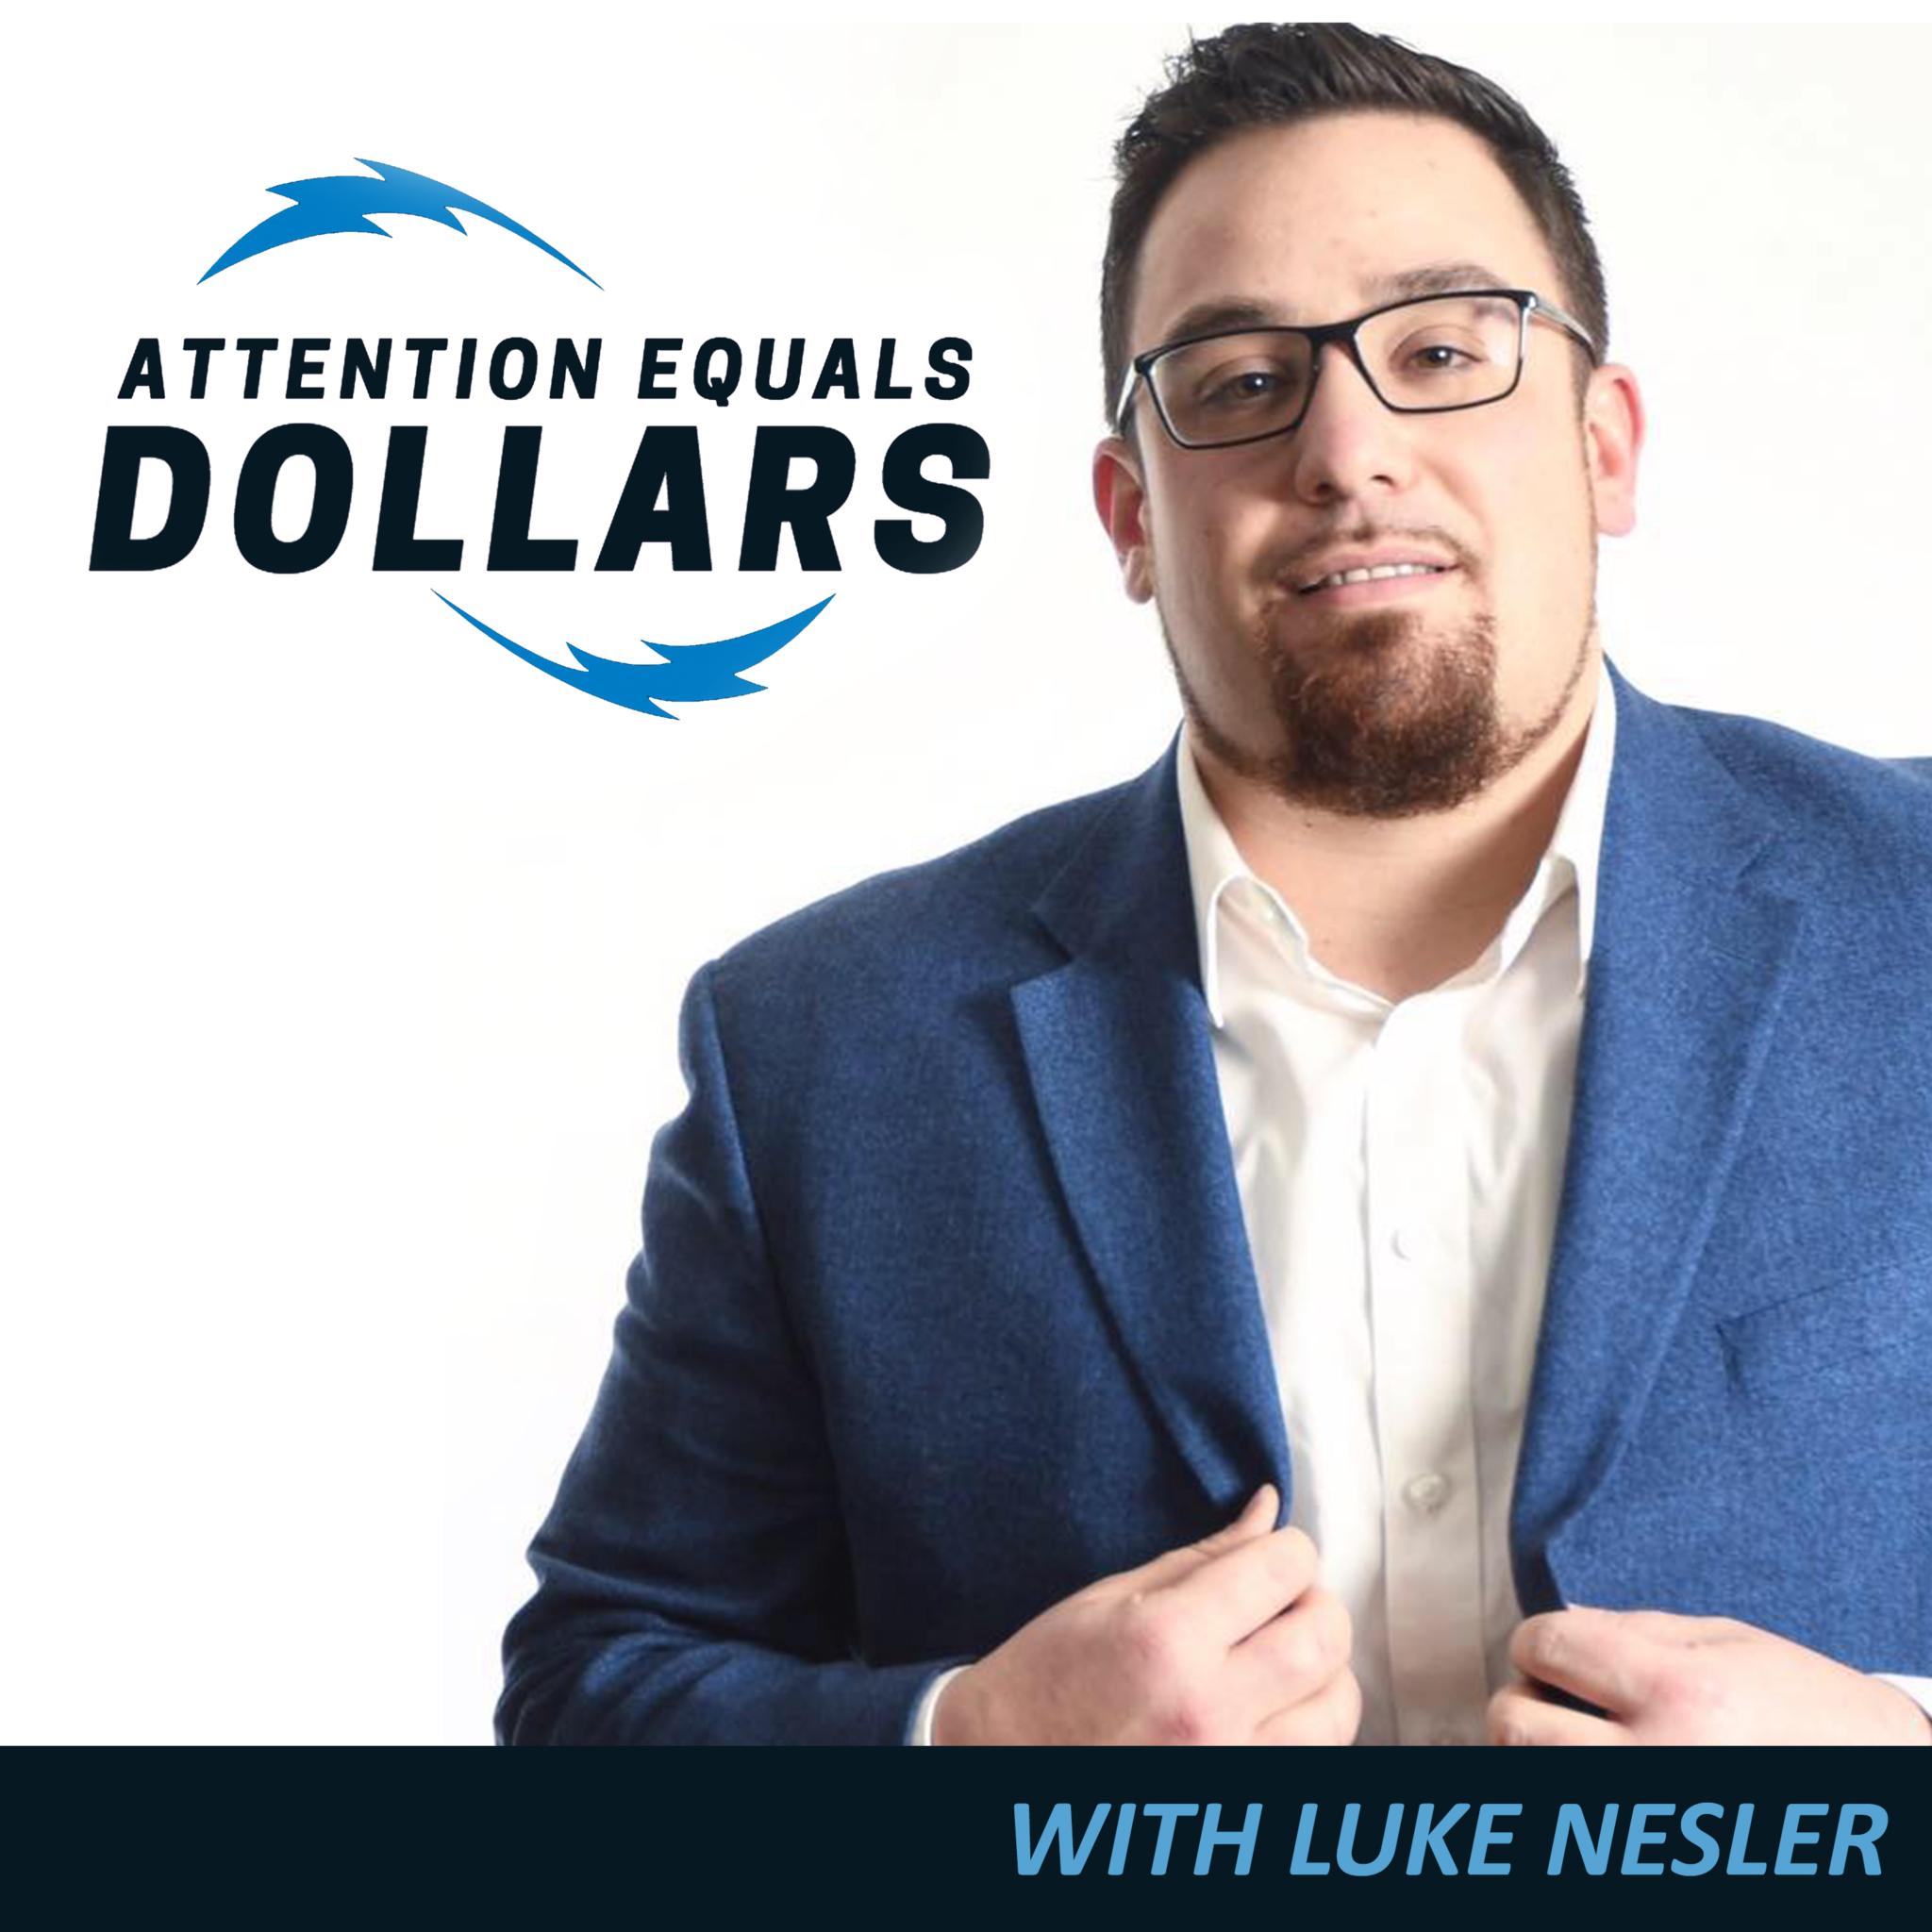 Attention Equals Dollars Luke Nesler